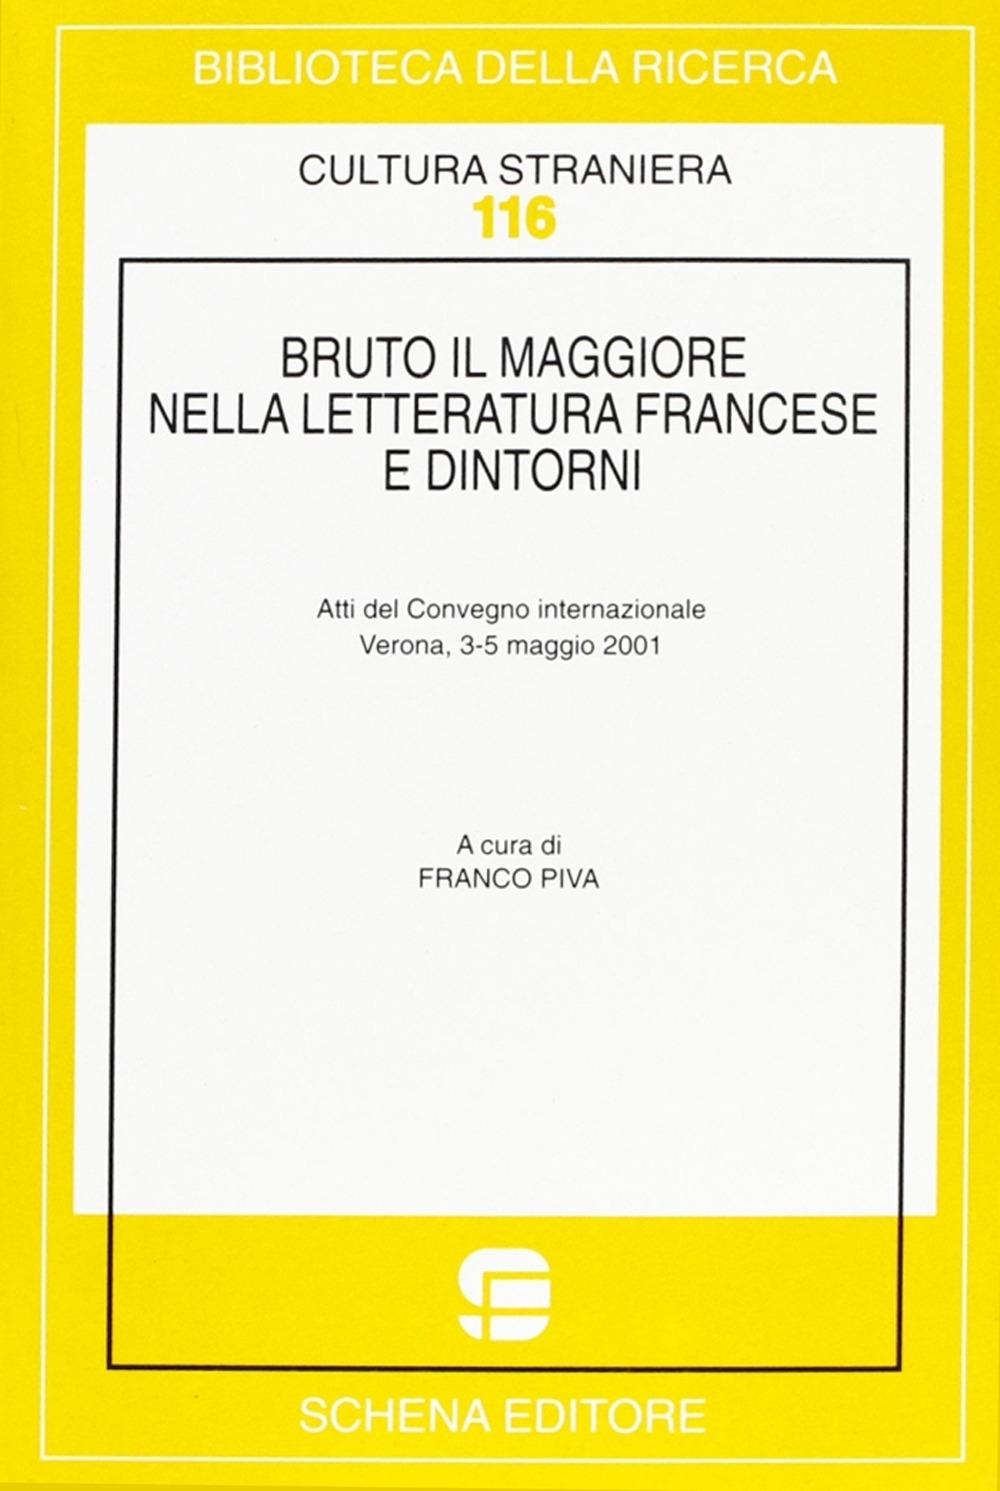 Bruto-il-Maggiore-nella-letteratura-francese-e-dintorni-Schena-Editore